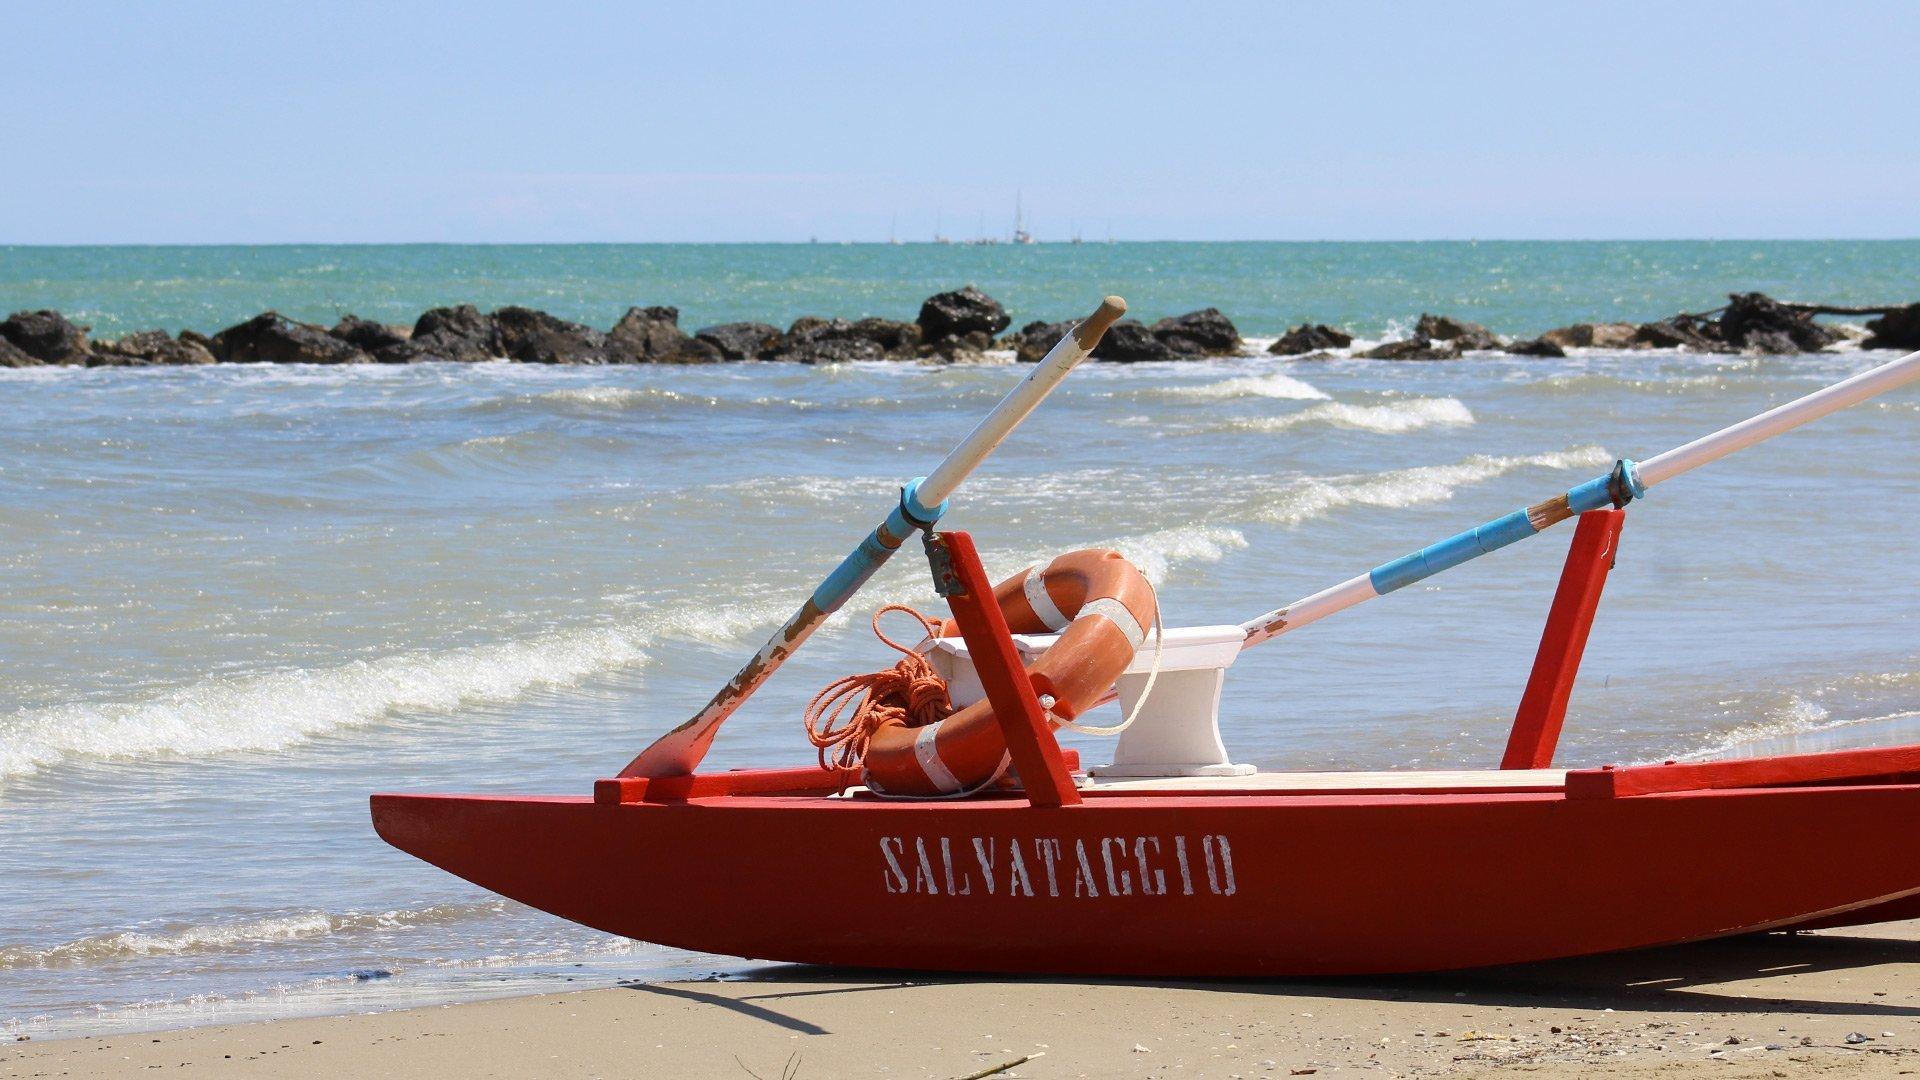 moscone salvataggio riviera di Rimini spiaggia di fronte Hotel Tritone